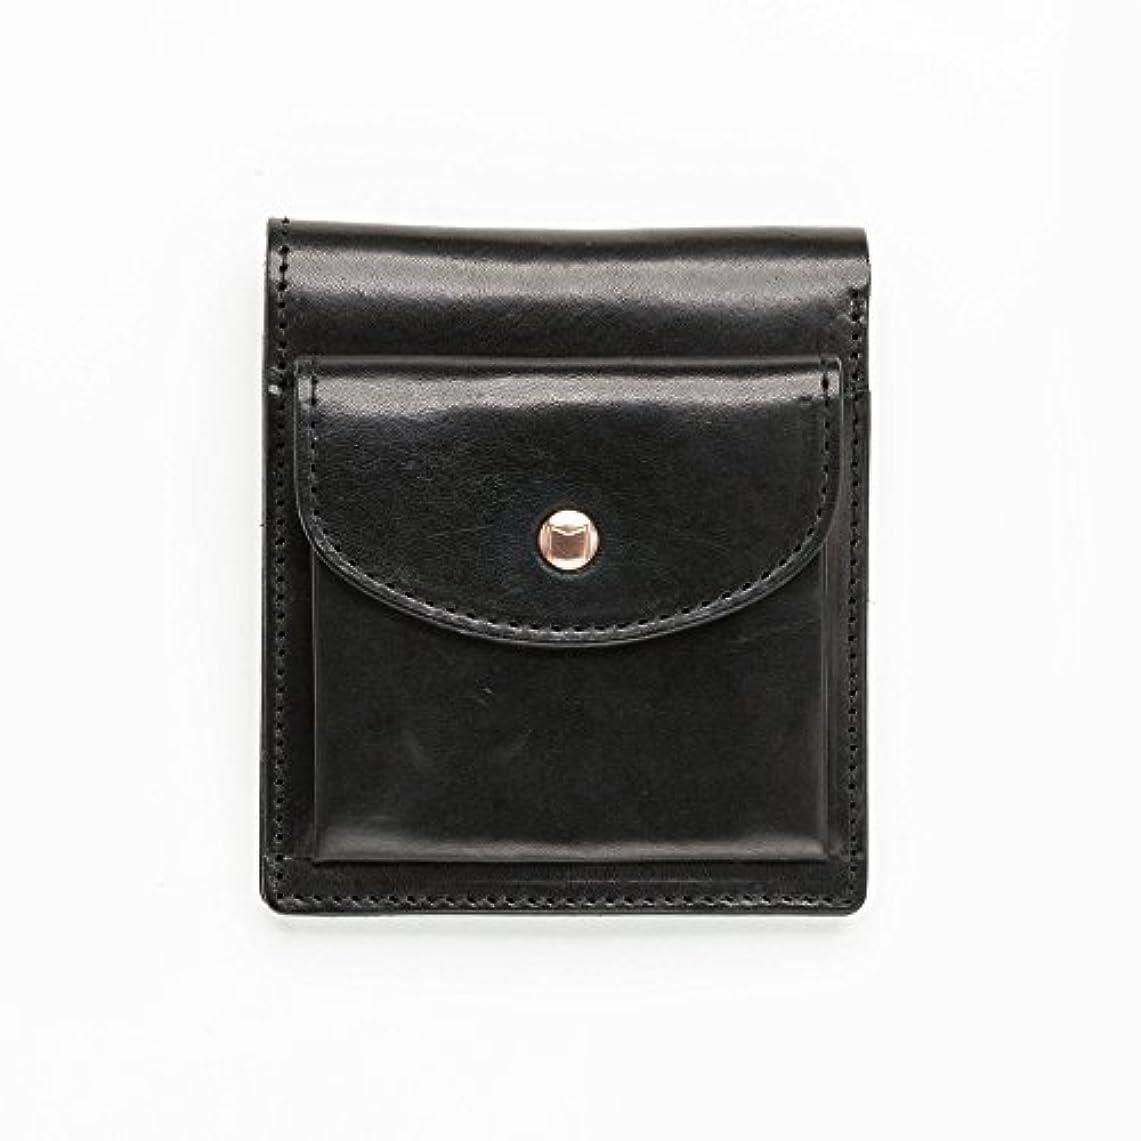 破裂ベンチ引用moblis(モブリス)イタリアンレザー/ビフォードウォレット 2つ織財布 (ブラック)